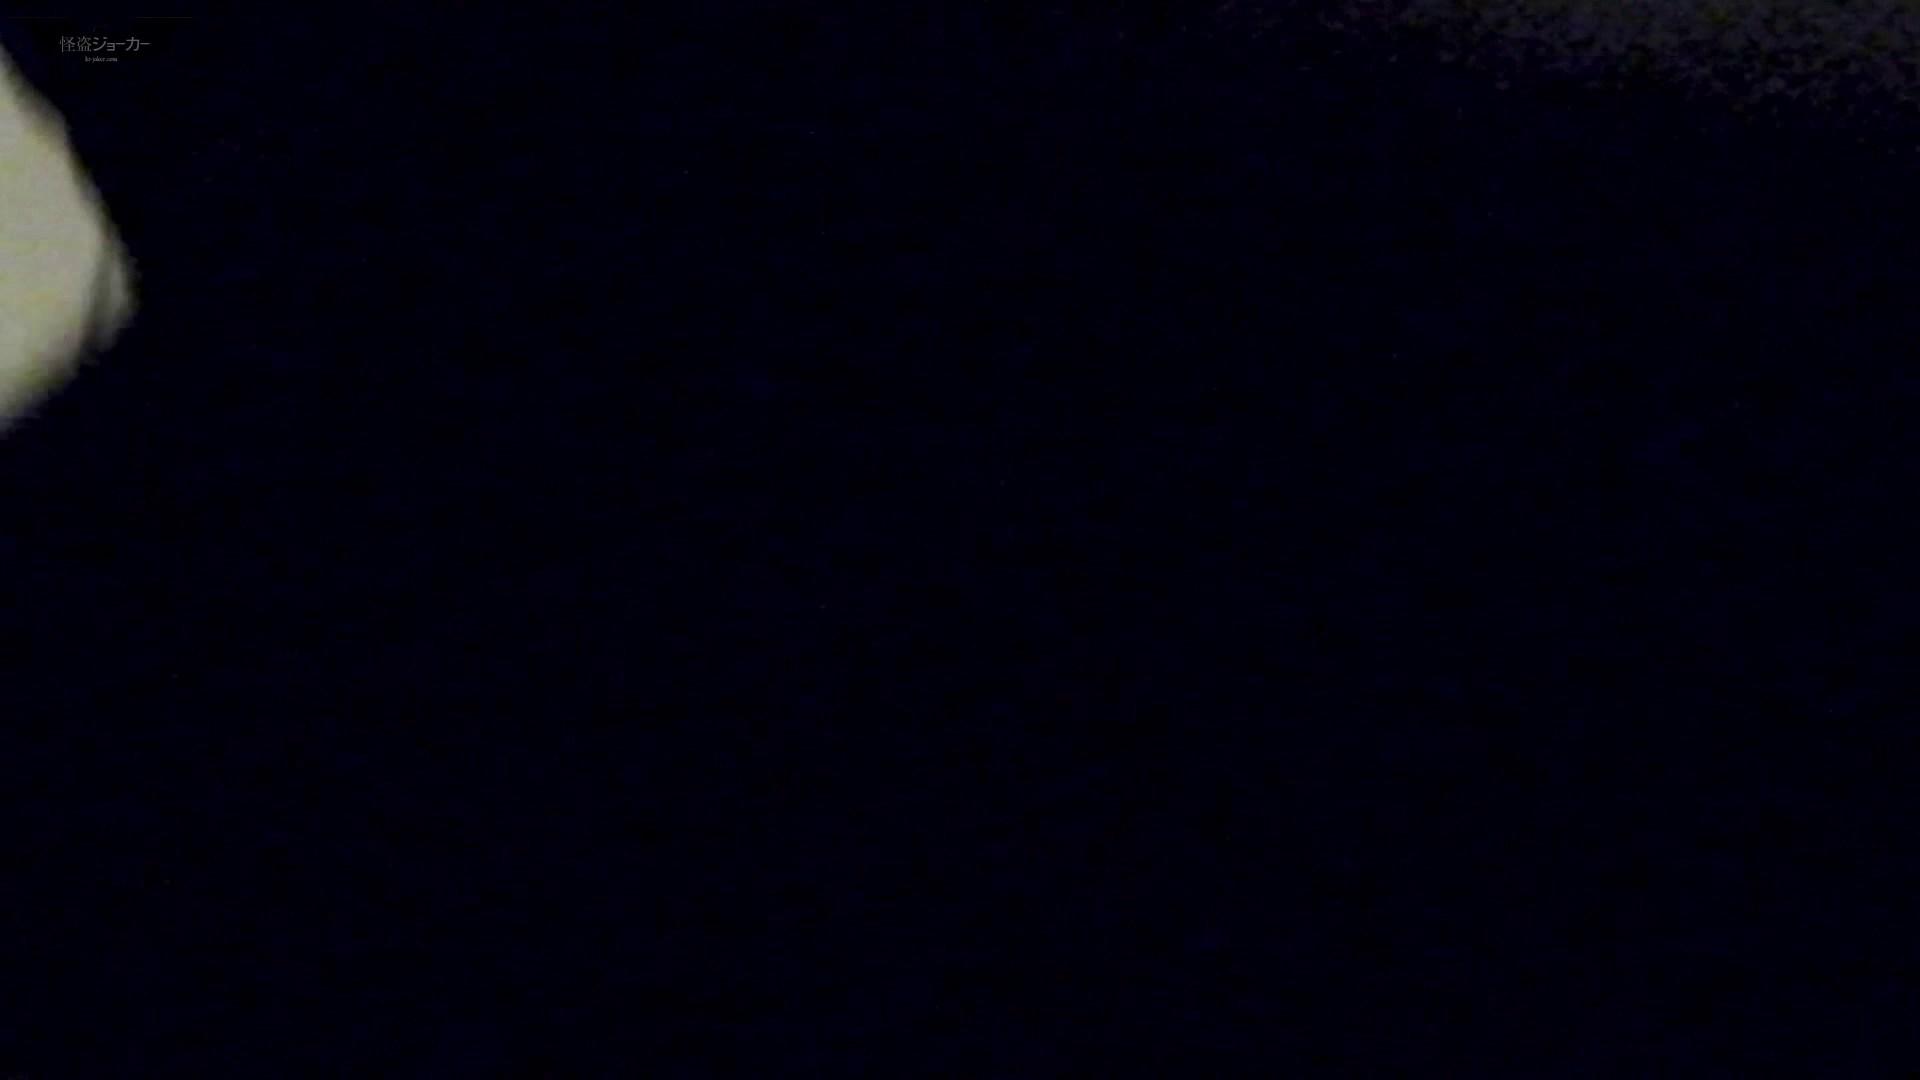 新世界の射窓 No64日本ギャル登場か?ハイヒール大特集! 洗面所  86画像 60